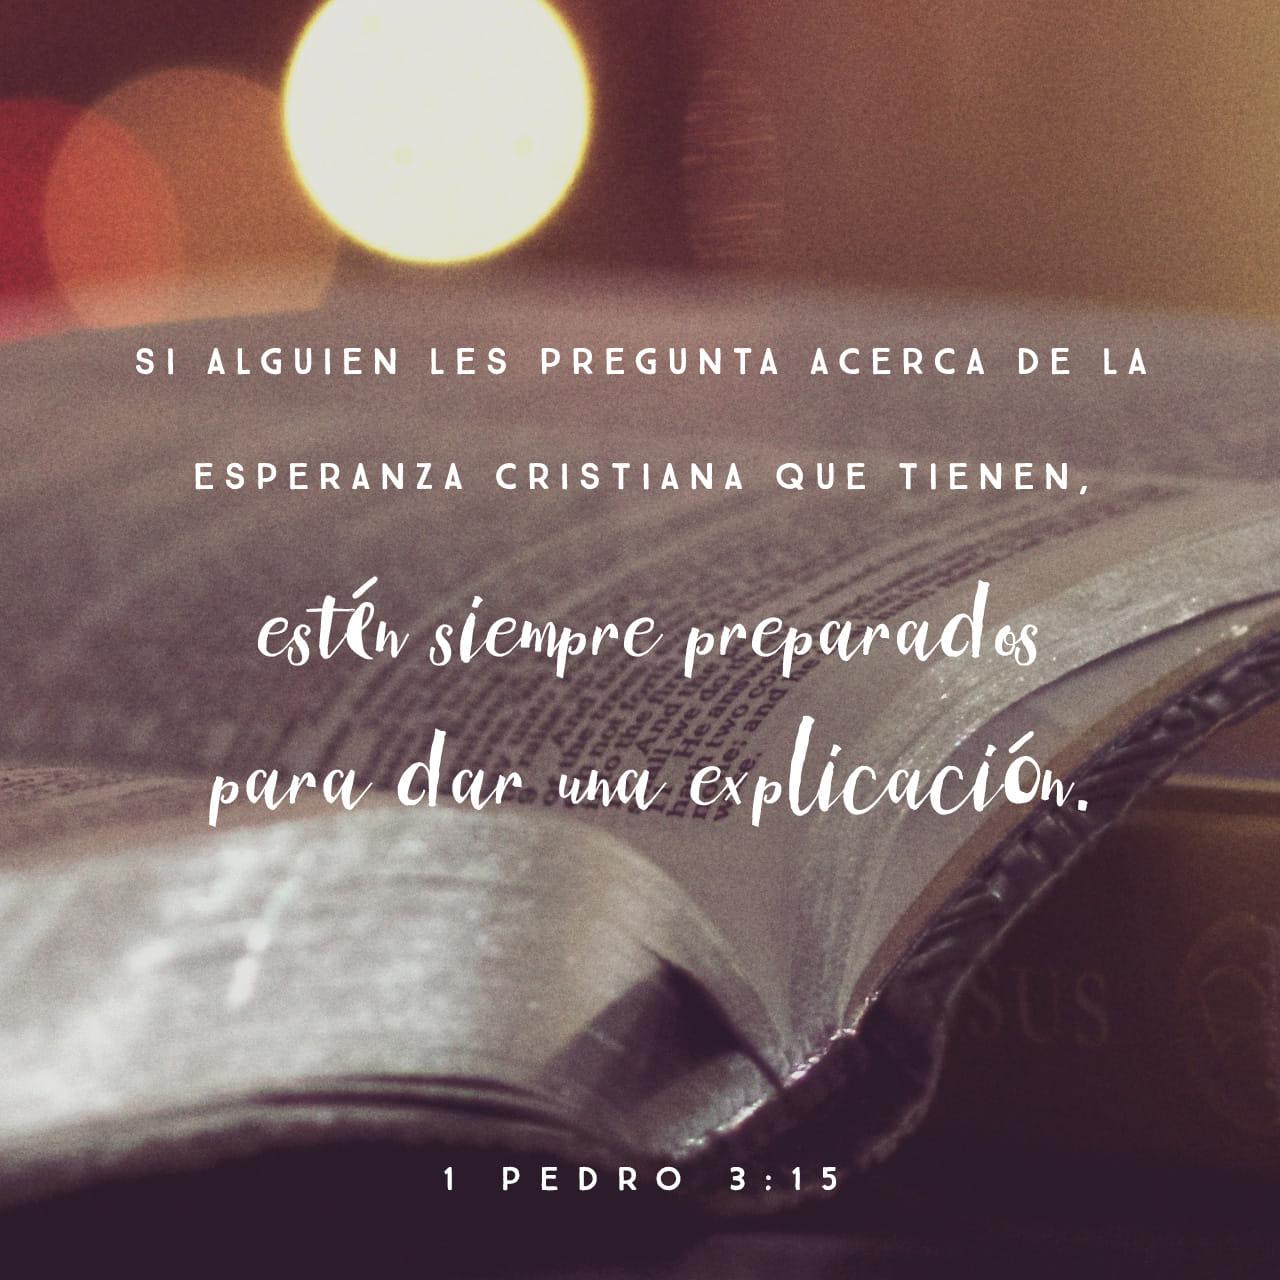 1 Pedro 3:15 Honren a Cristo como Señor, y estén siempre dispuestos a explicarle a la gente por qué ustedes confían en Cristo y en sus promesas. | Traducción en Lenguaje Actual (TLA) | Descargar la Biblia App ahora